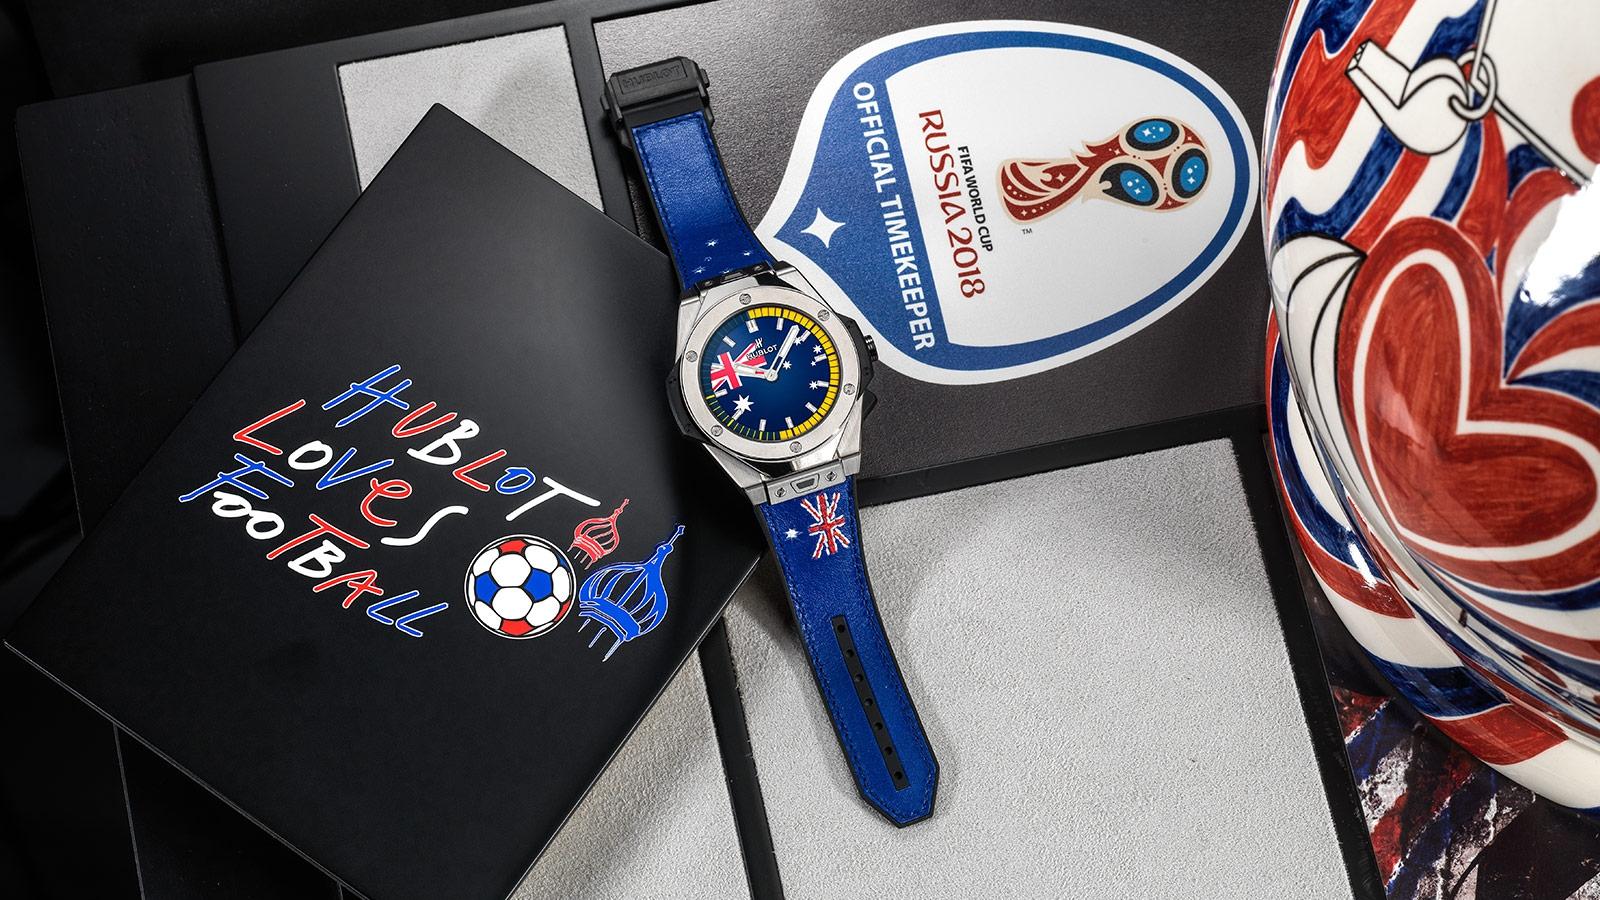 Тем не менее, новые часы hublot big bang referee fifa world cup russia™, разработанные для арбитров грядущего мундиаля, оценит каждый болельщик.